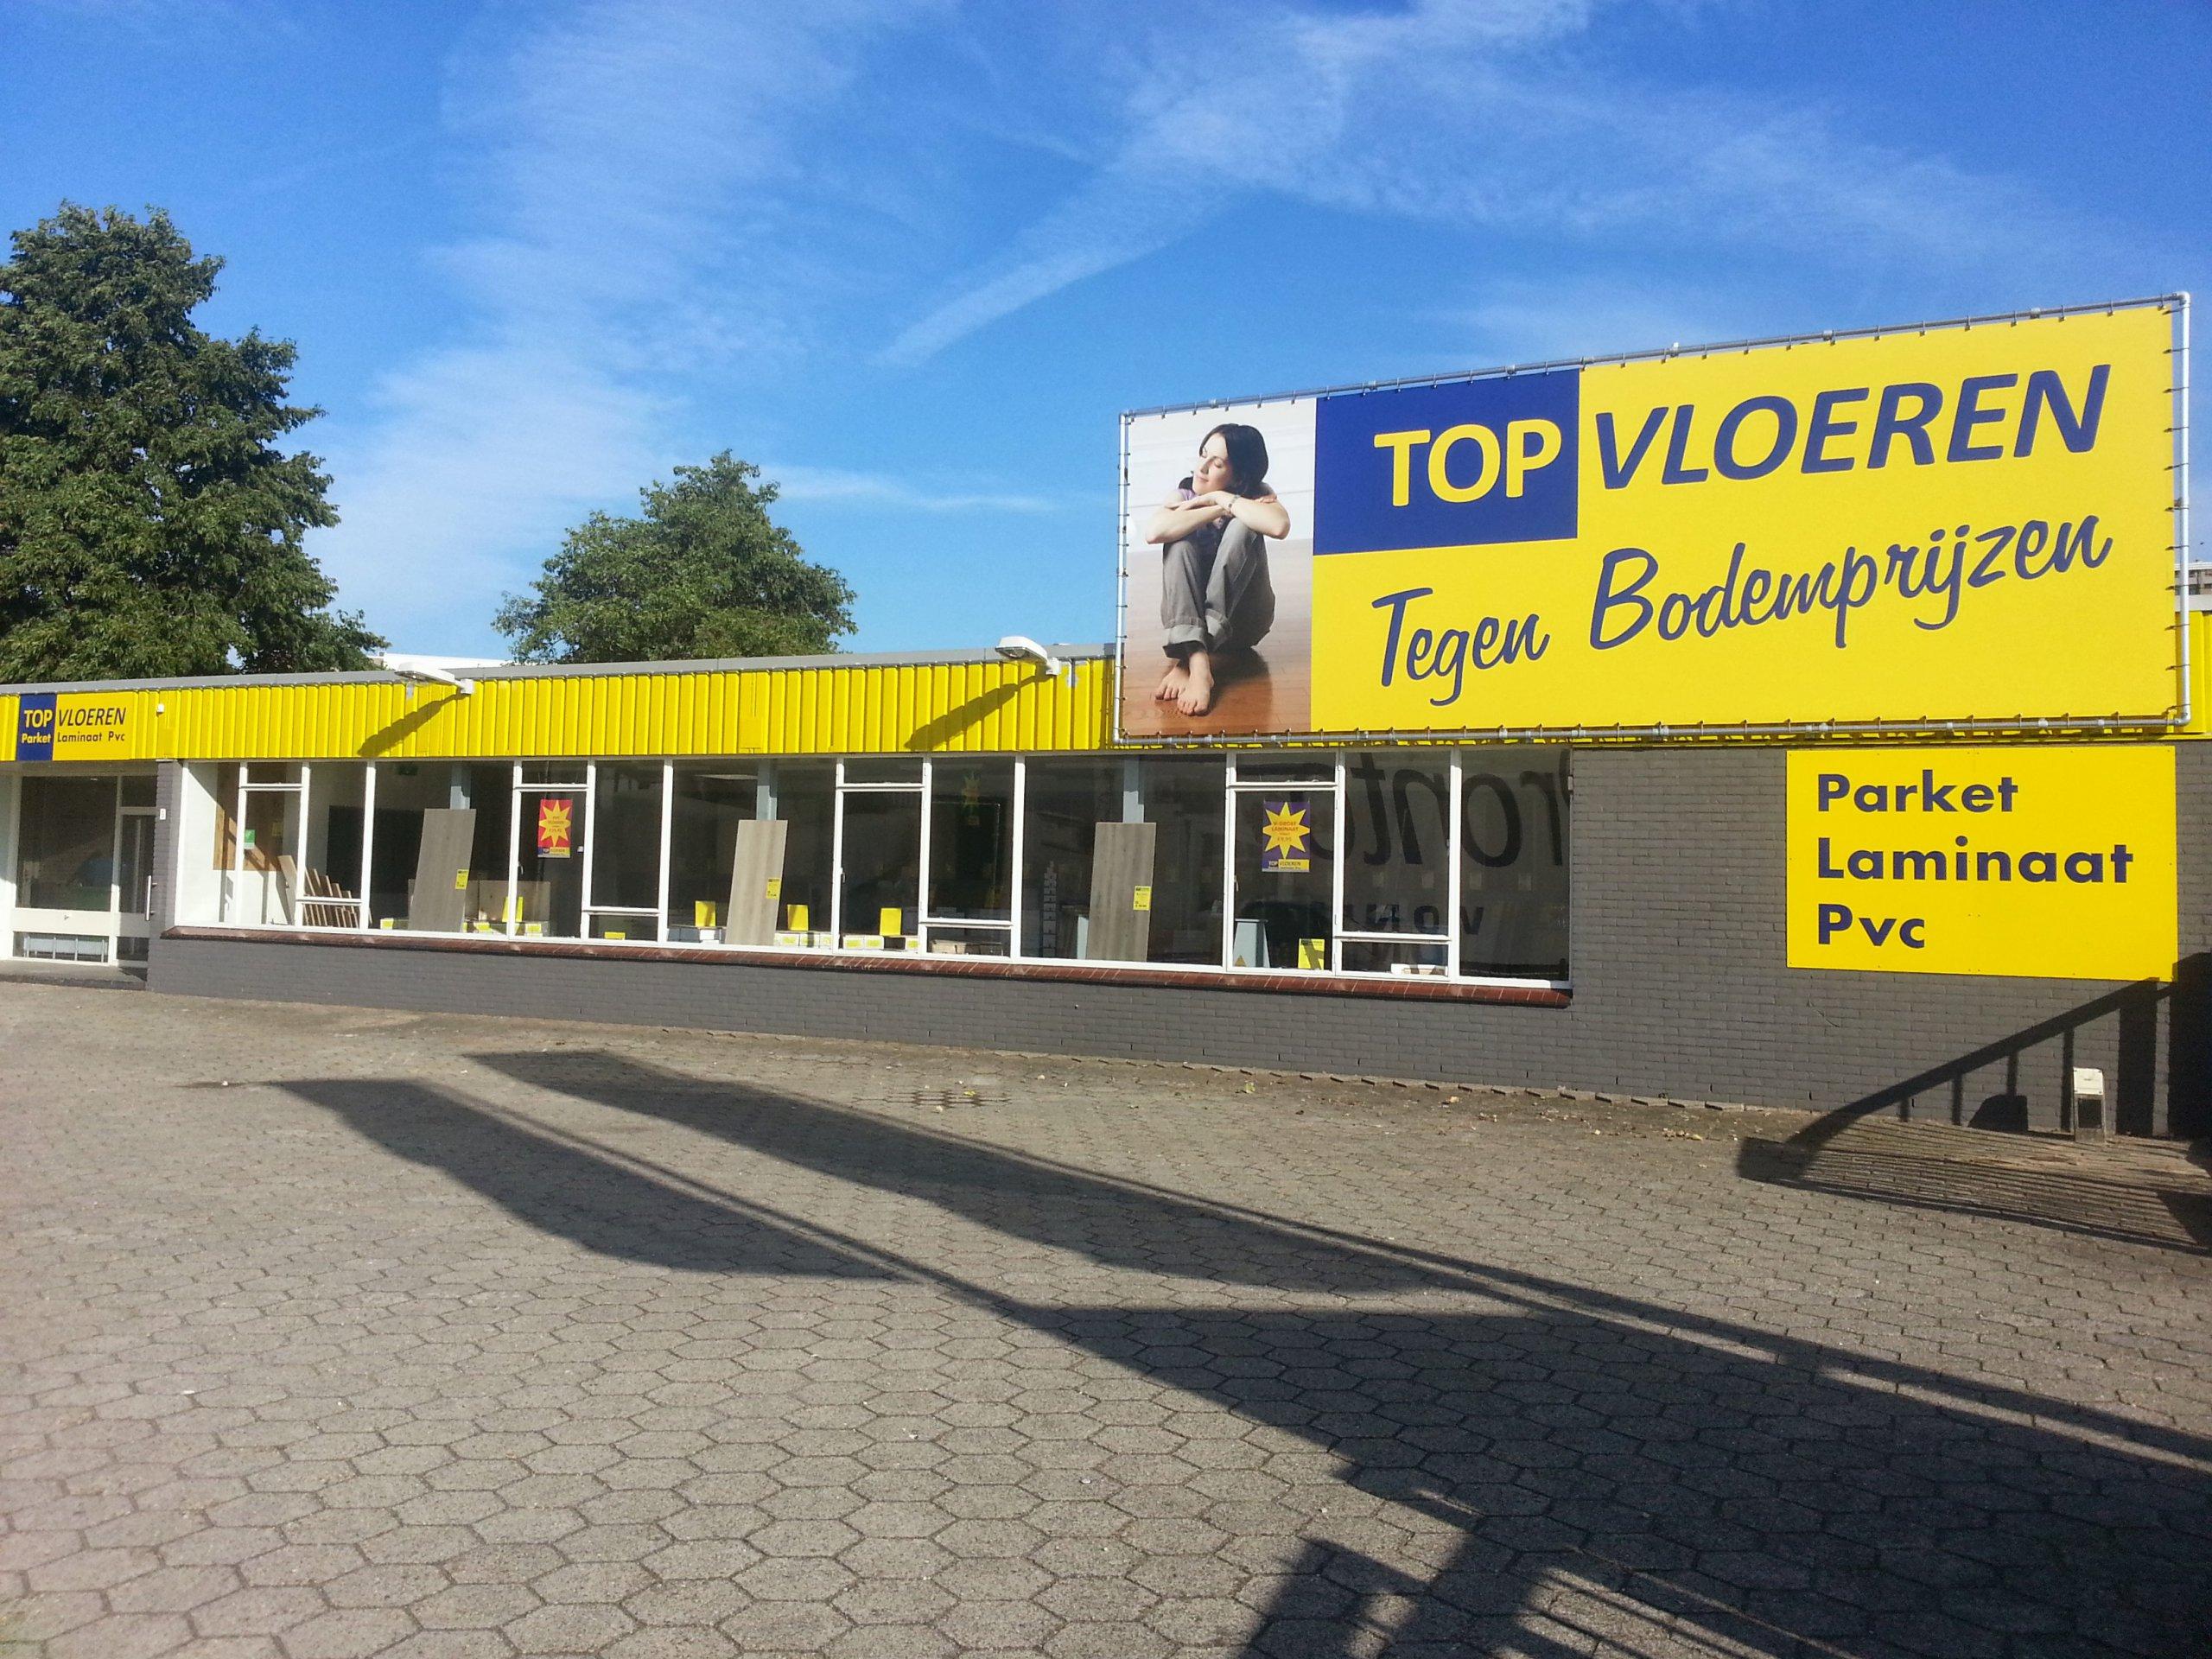 Topvloeren Utrecht. Parket, laminaat, pvc vloeren en karpetten